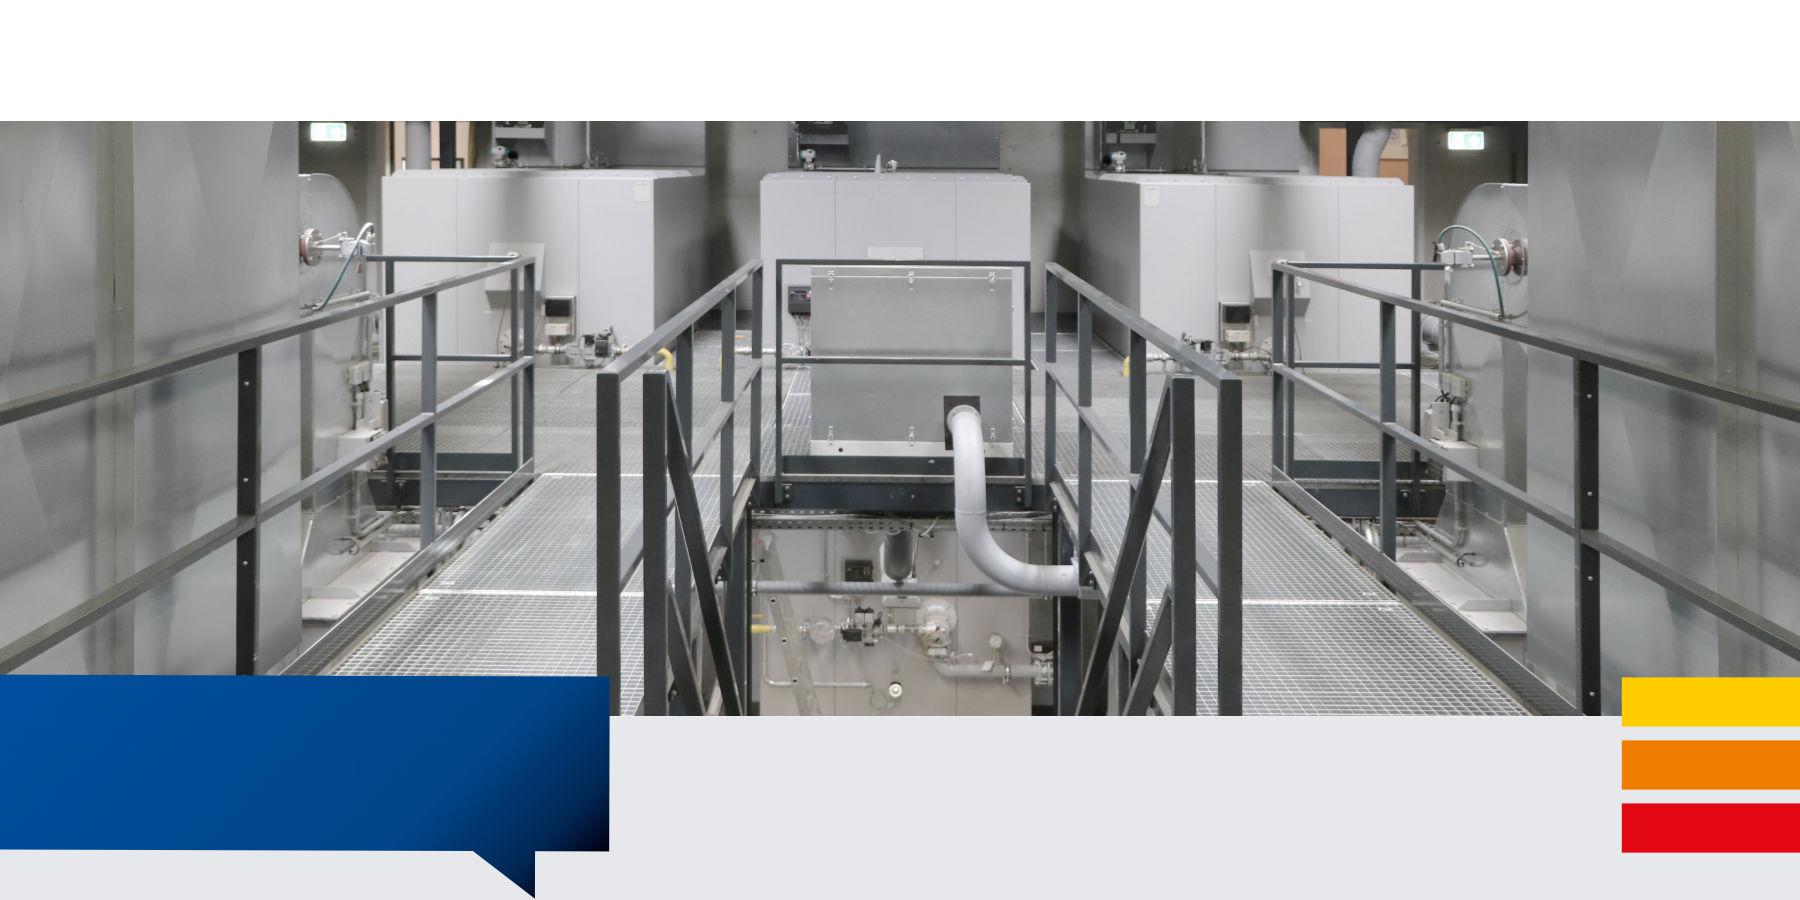 Ruppmann - Sondervrebrennungsanlagen, Referenzen